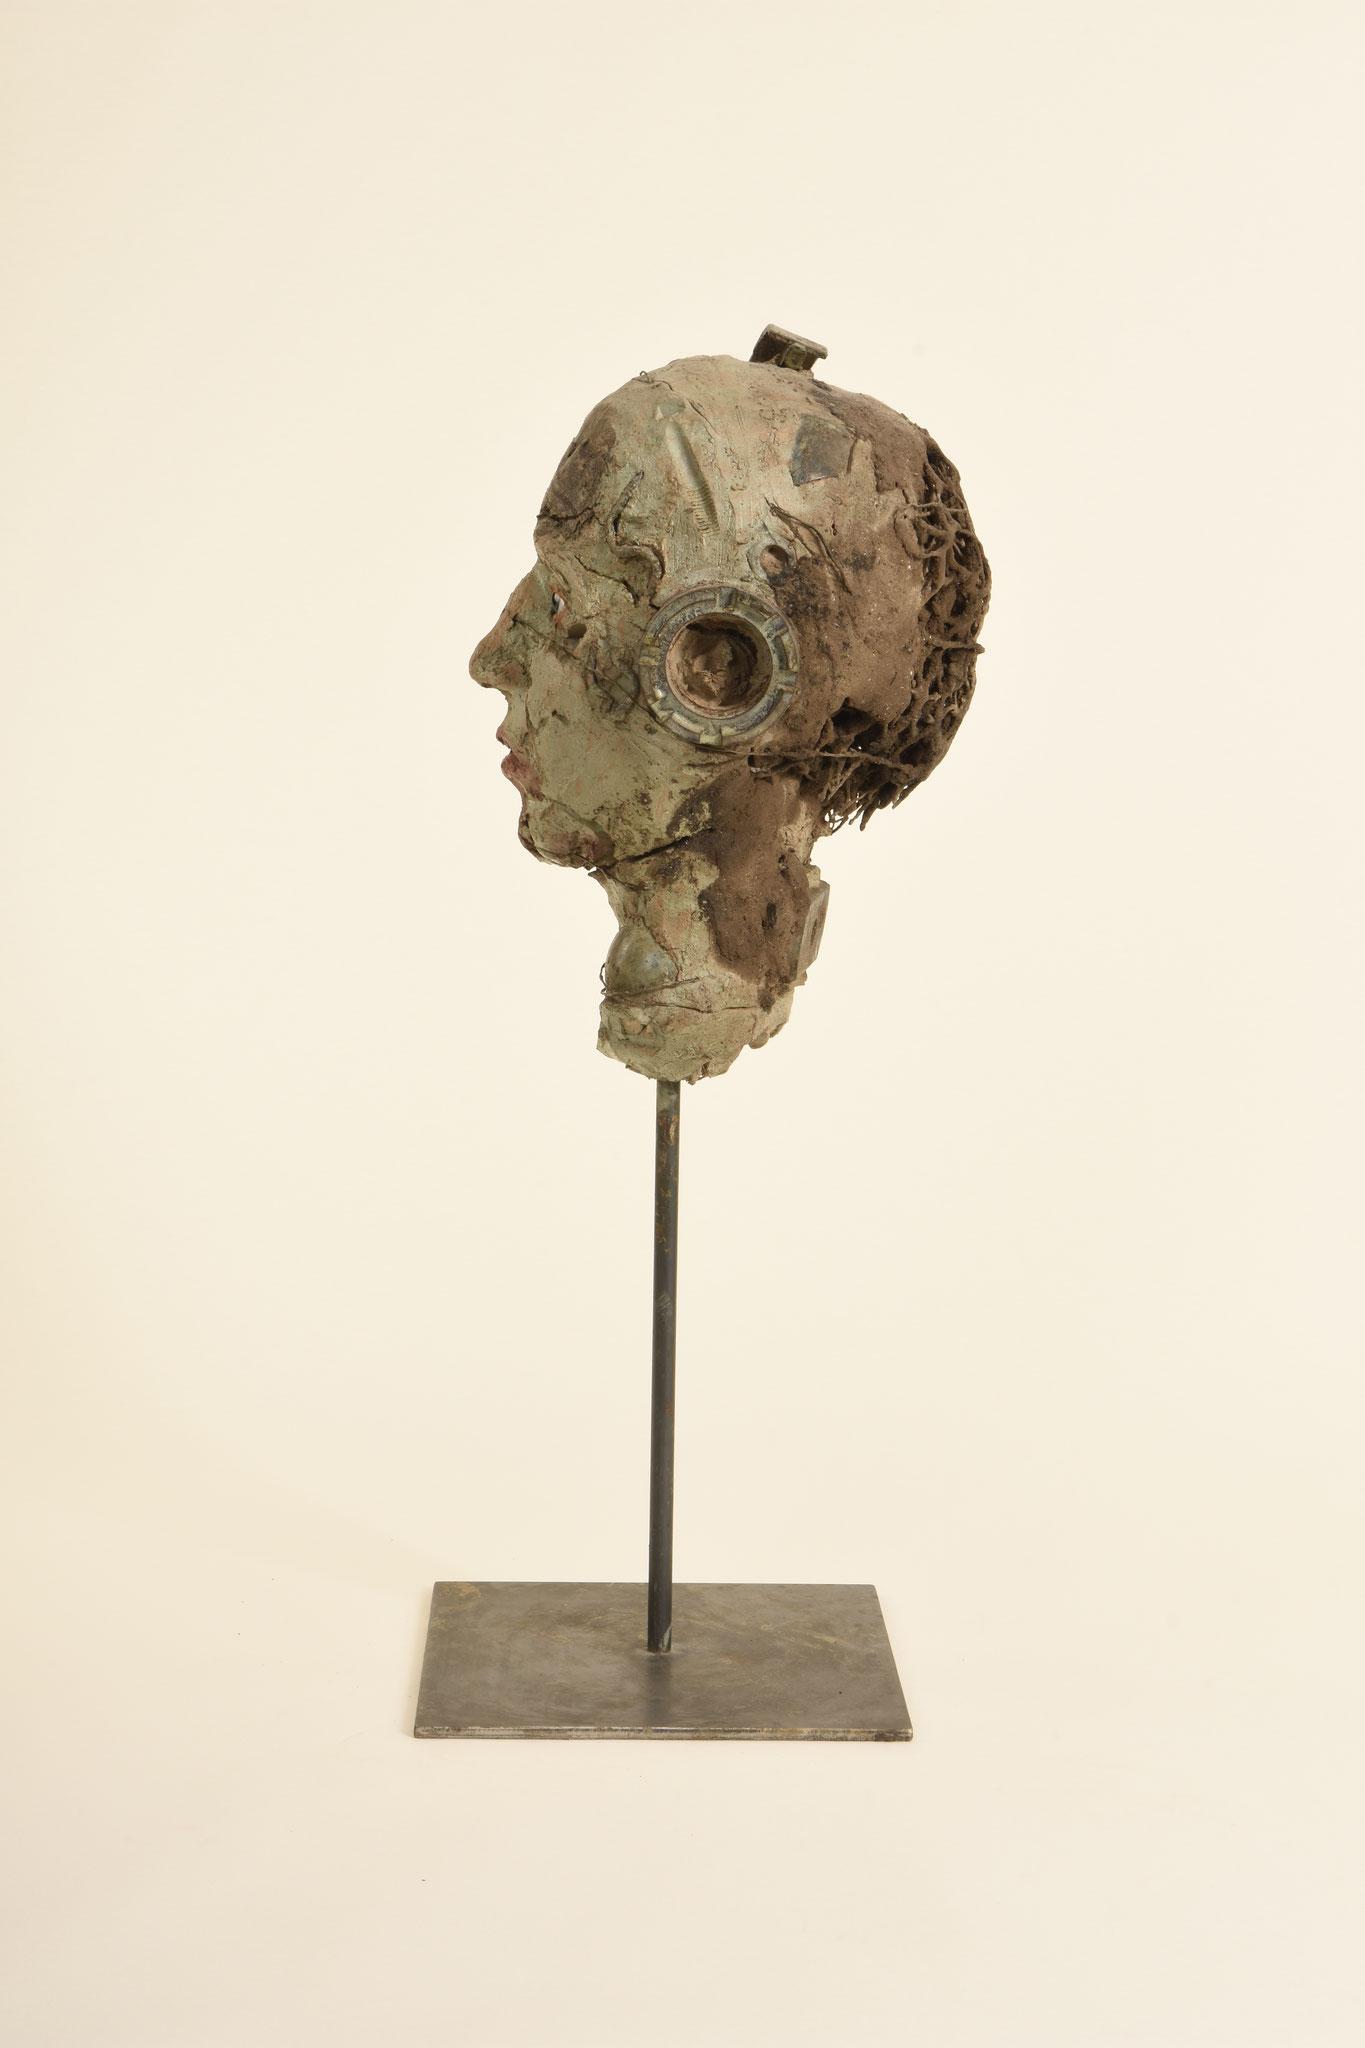 Kopf   2012  Ton, Metall, Glasaugen, glasierte Keramik   58cm